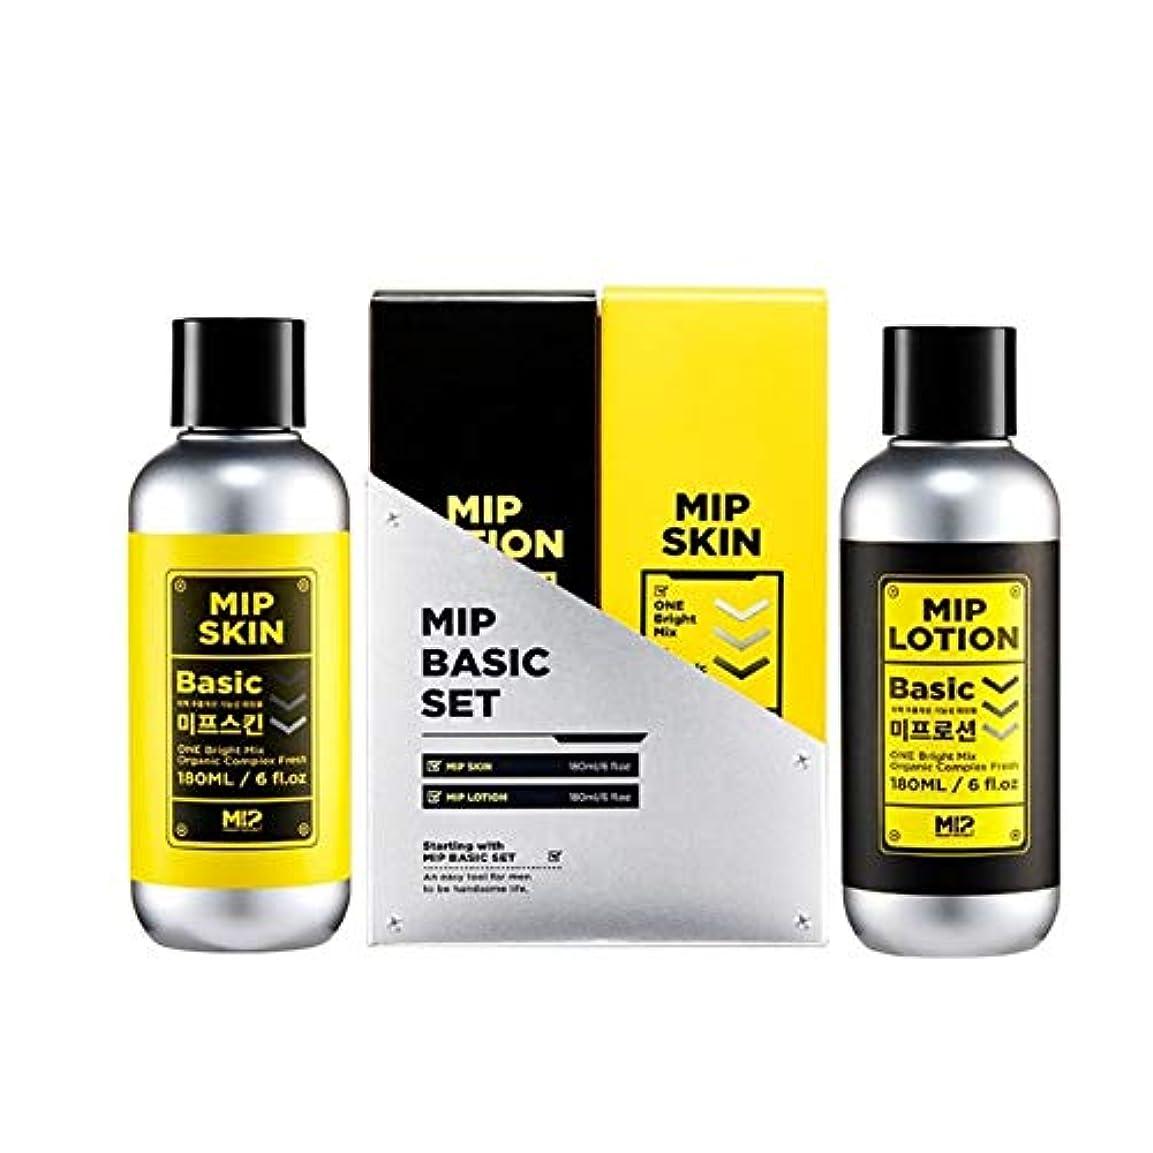 養う追い払う致命的なミップスキン180mlローション180mlセットメンズコスメ韓国コスメ、Mip Skin 180ml Lotion 180ml Set Men's Cosmetics Korean Cosmetics [並行輸入品]